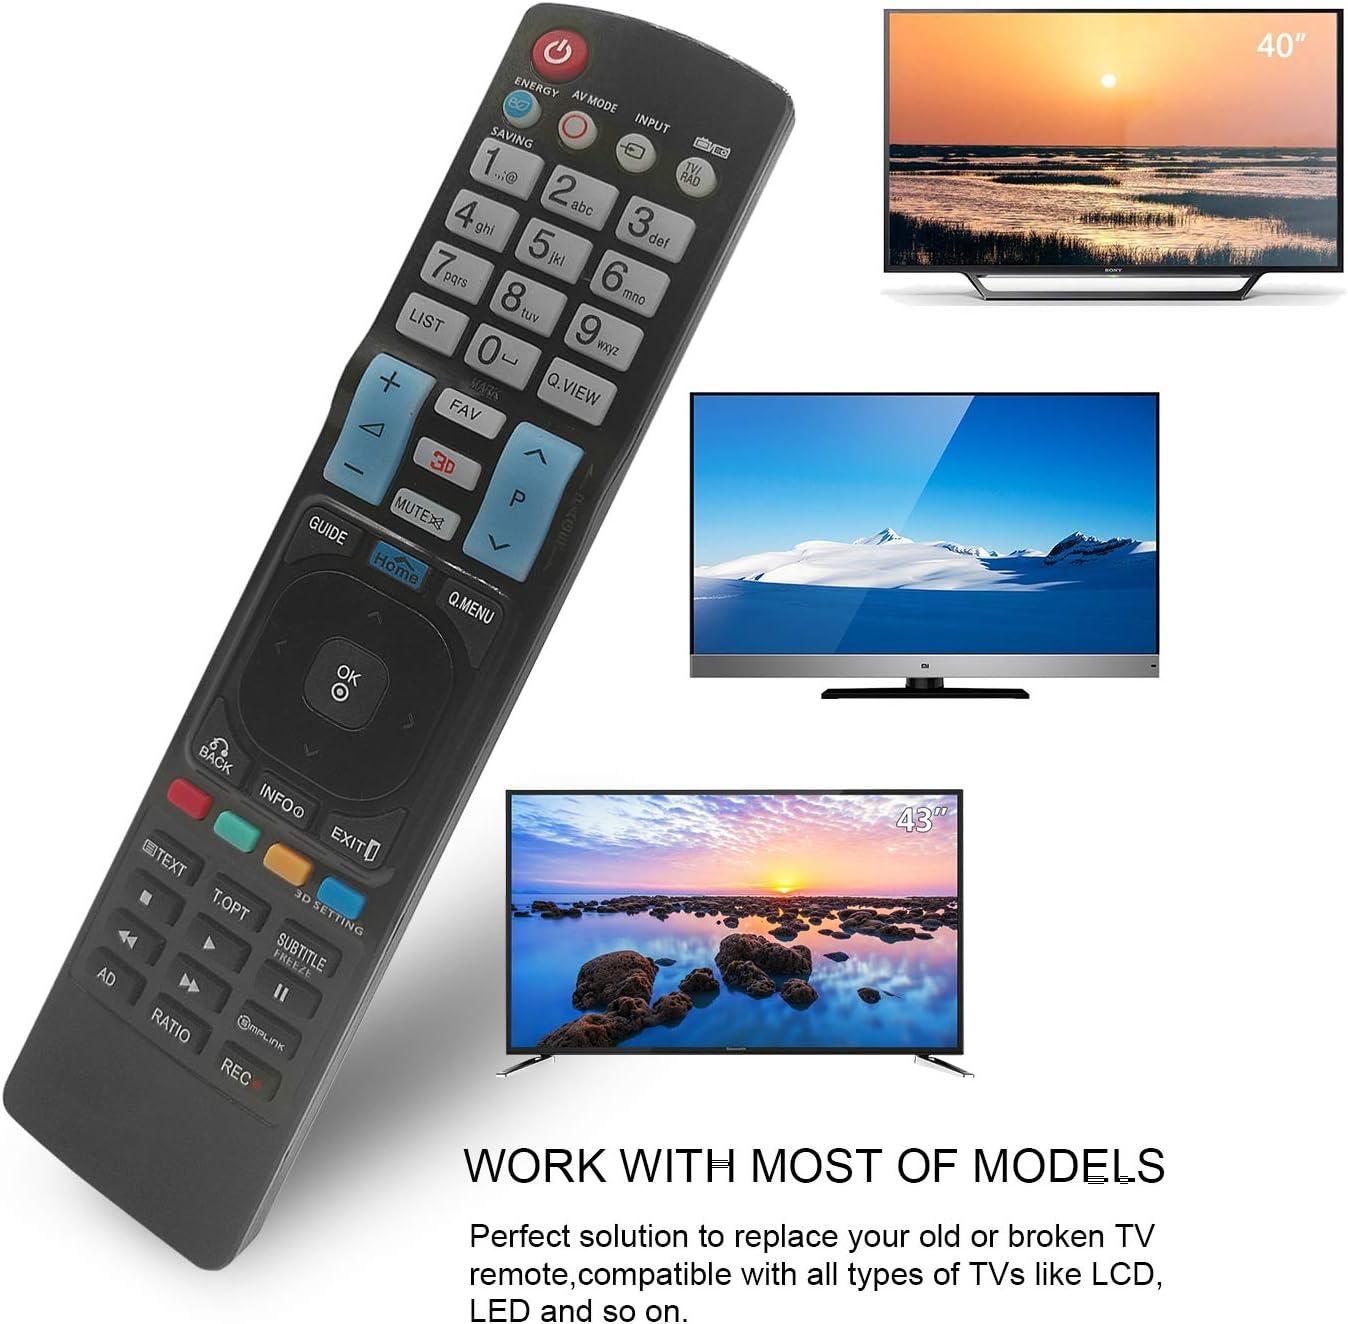 Nuevo Mando a Distancia el LG TV reemplaza el control remoto del para Varios TV LG LCD, No Se Requiere Configuración del Televisor Control Remoto Universal 42LW450U 42LW451C 42LW540U: Amazon.es: Electrónica